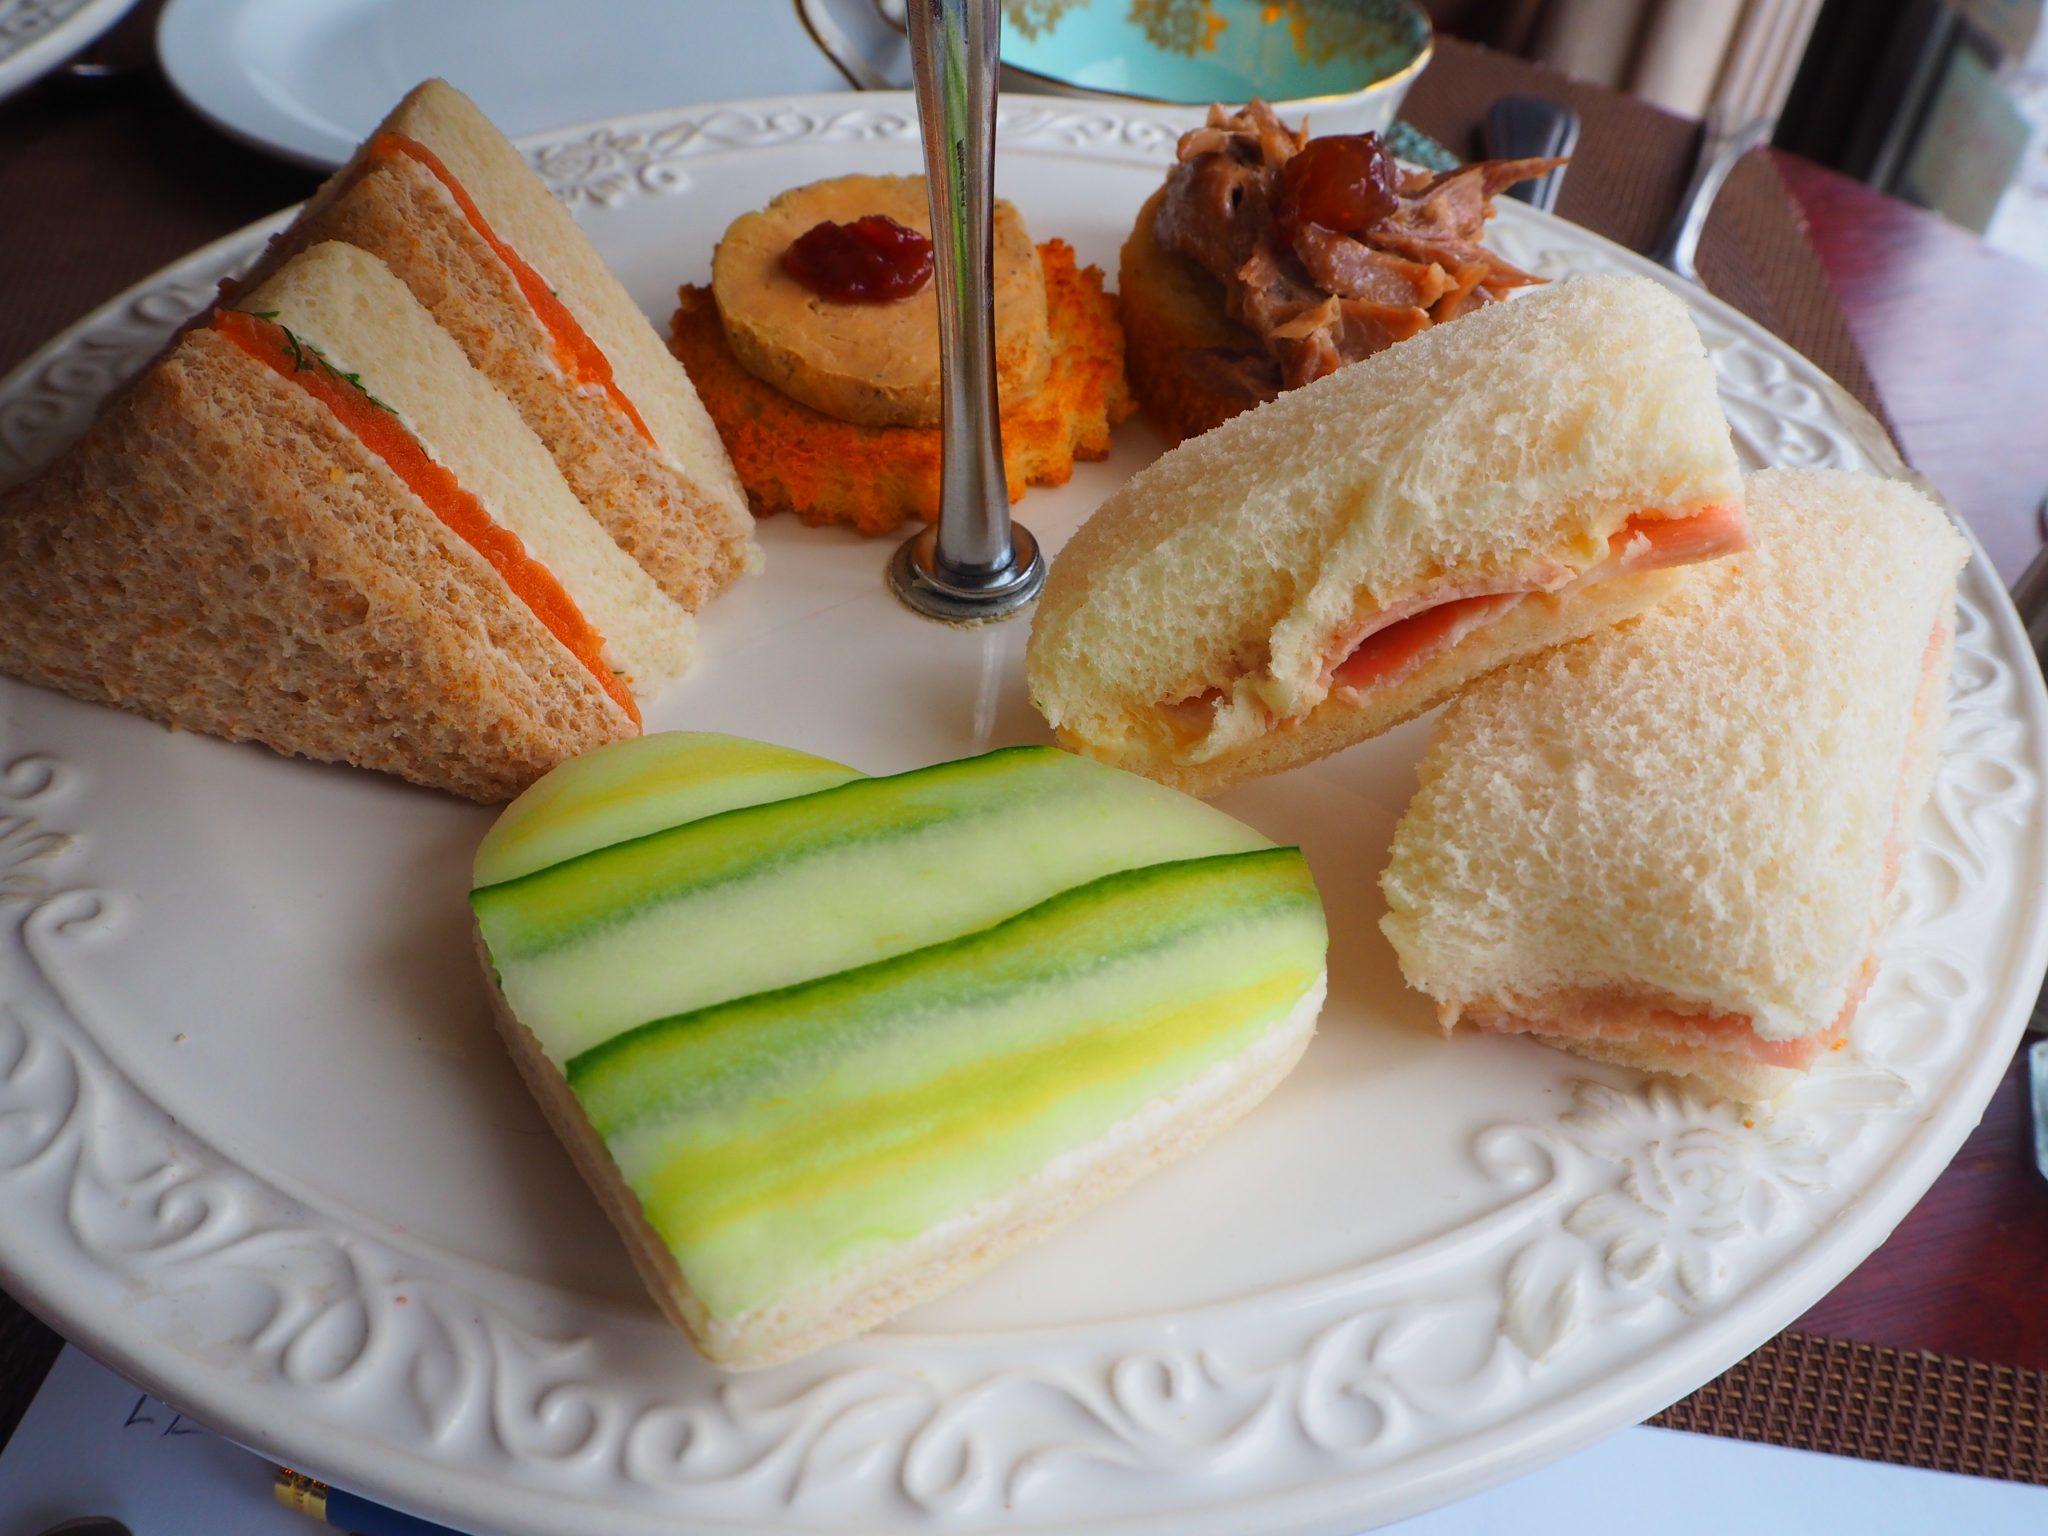 The Savouries / Le Salé - Afternoon Tea at Le Parloir tea room / Afternoon Tea au Salon de Thé Le Parloir